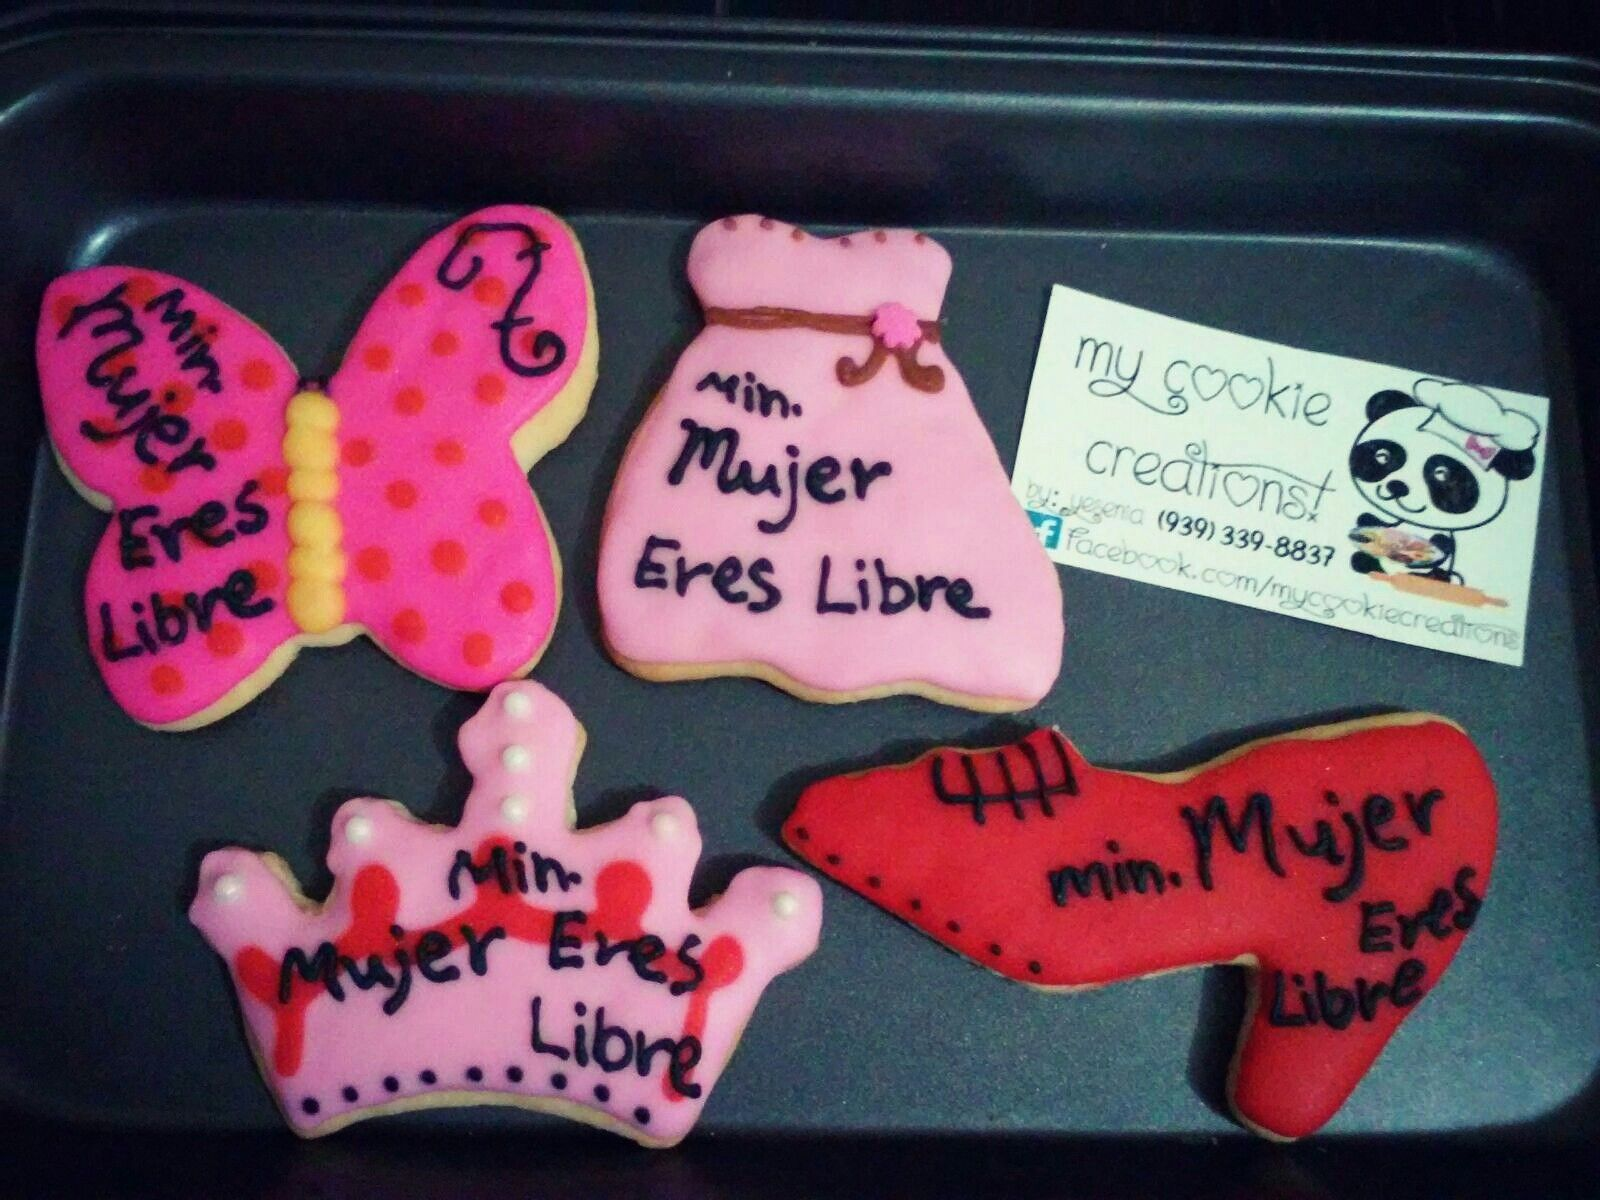 """Ordencita entregada el viernes 1 docena para el ministerio """"mujer eres libre"""" #mycookiecreations ❤🍪😍😋 #cookies #womanscookies"""